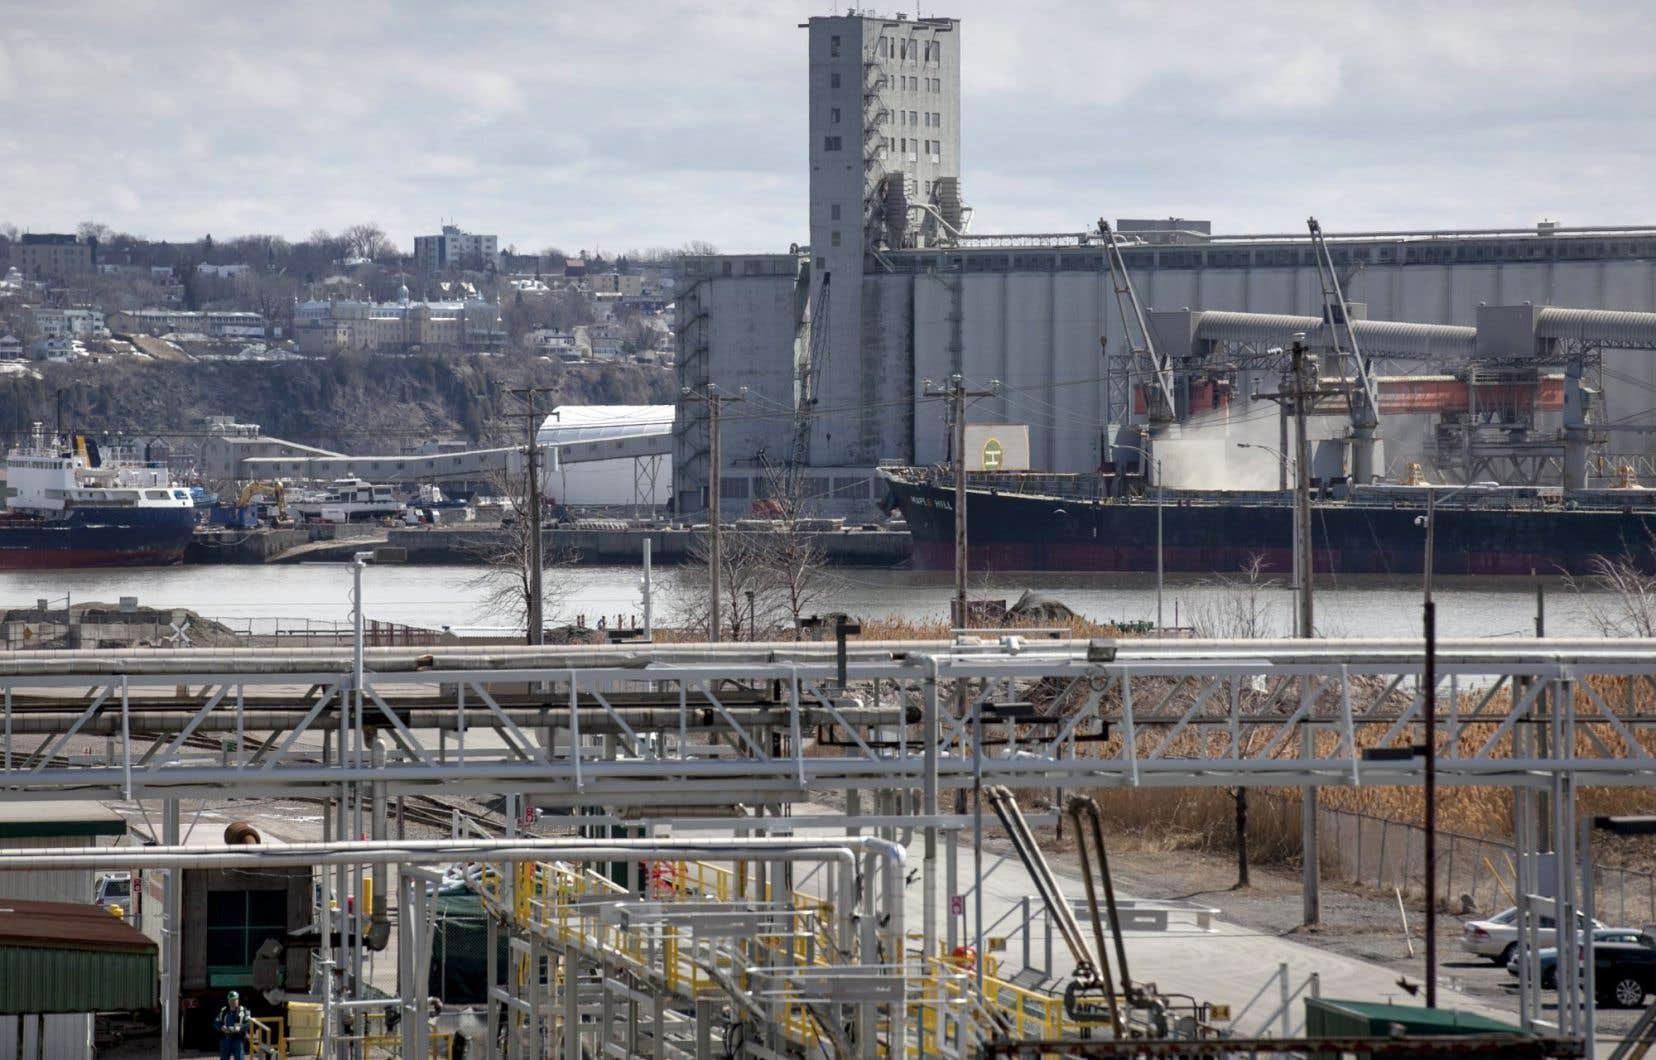 En 2012, le ministère du Développement durable avait conclu que les concentrations importantes de nickel trouvées dans l'air de Limoilou provenaient du port de Québec.